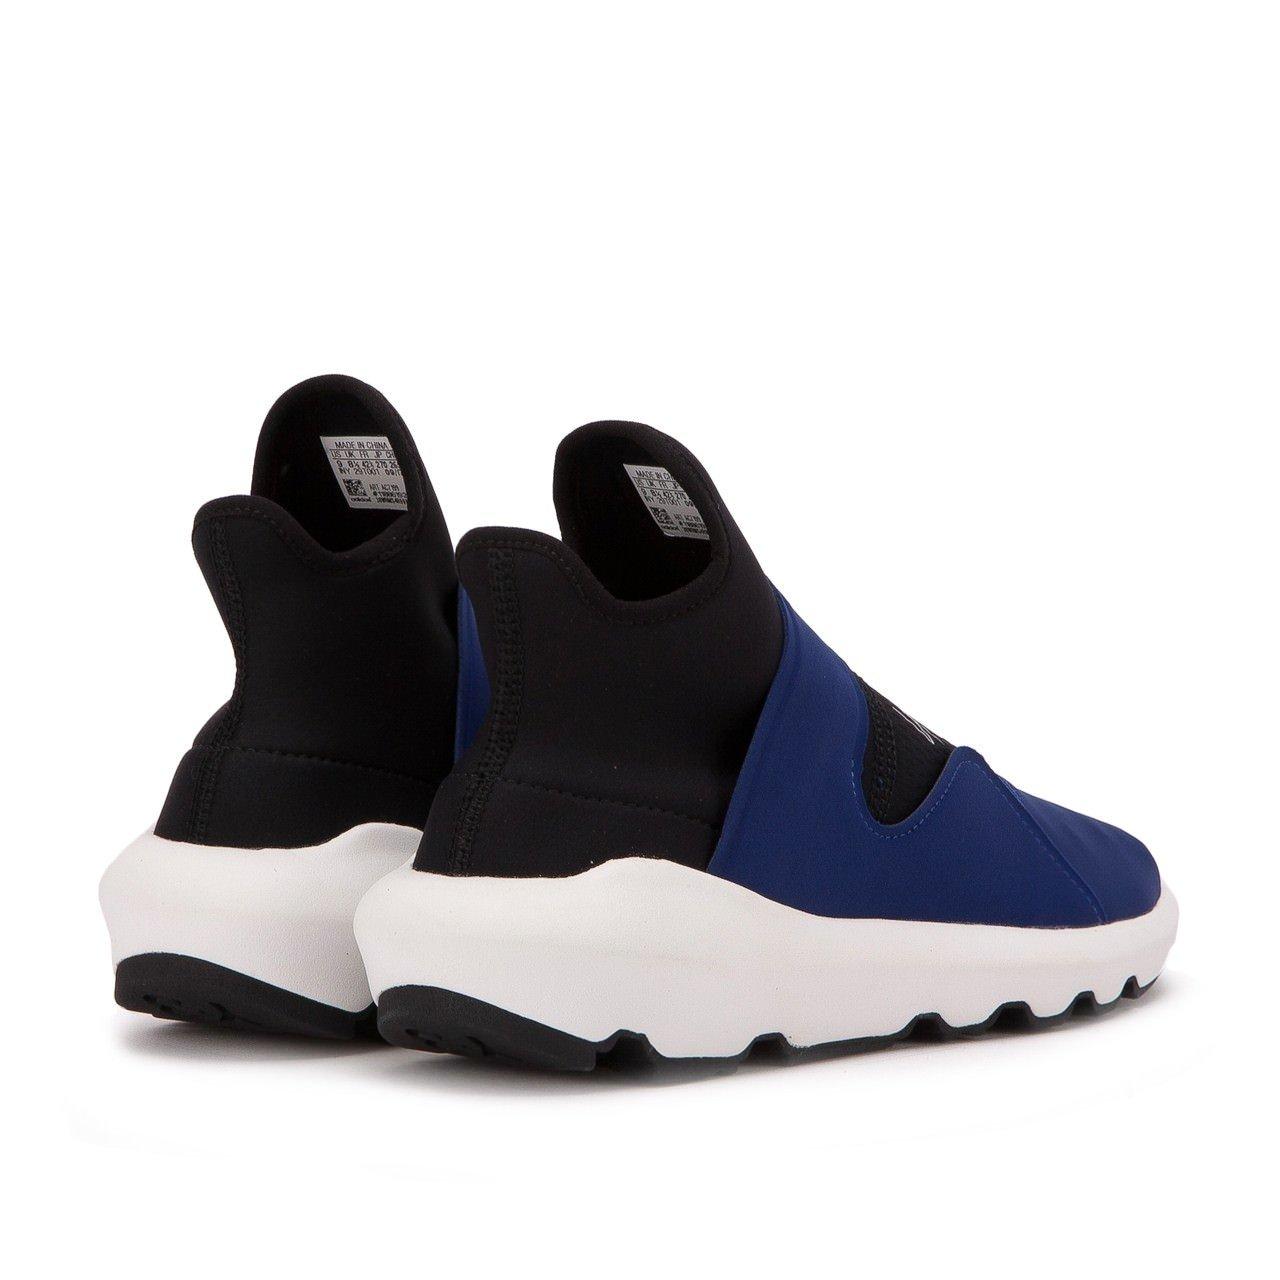 5c5b1fab73dd adidas Y-3 Men Suberou (Unity Ink Core White Core Black) Blue Size  9.5 UK   Amazon.co.uk  Shoes   Bags